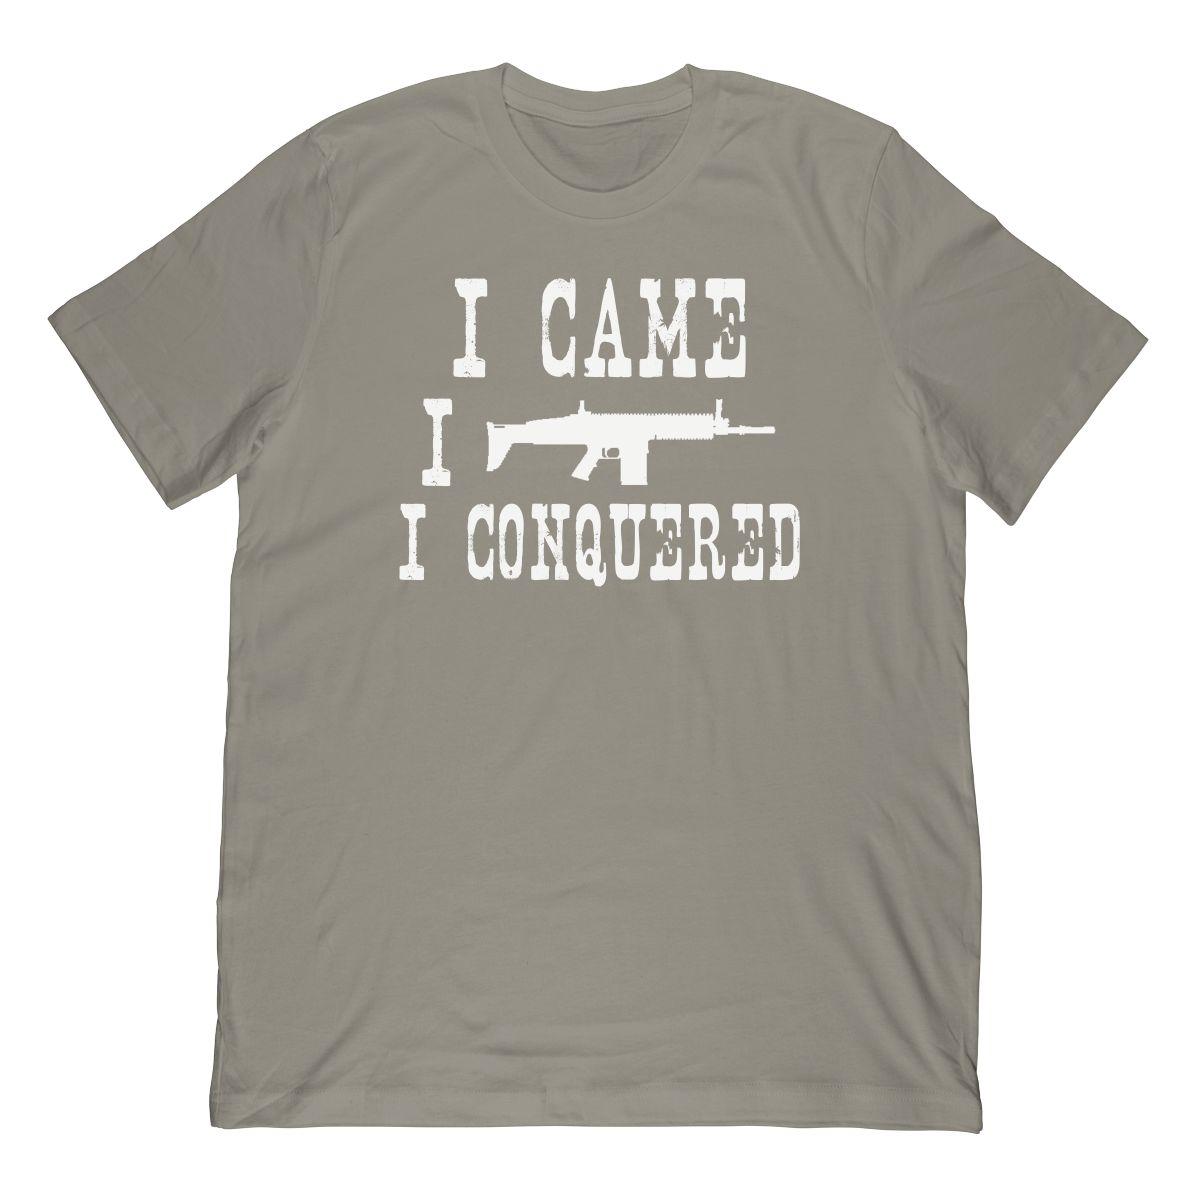 Funny I Came I Saw I Conquered T-Shirt